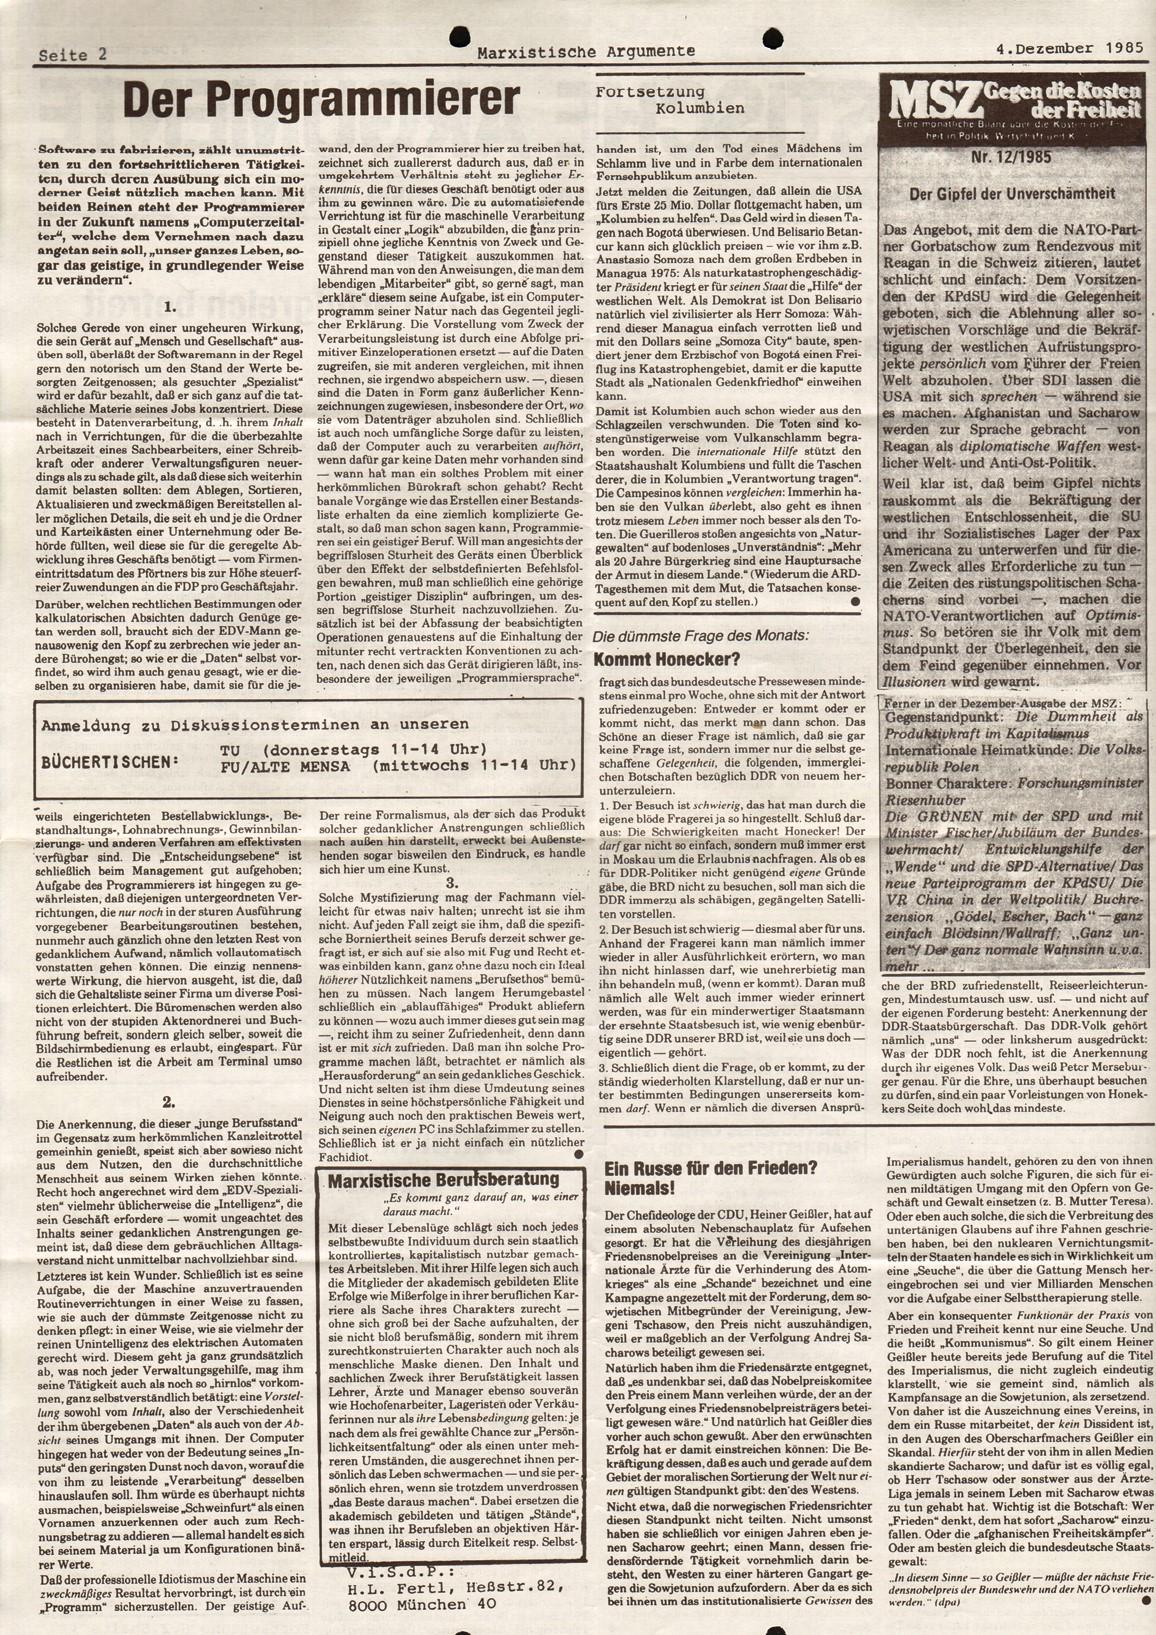 Berlin_MG_Symp_Argumente_19851204_02